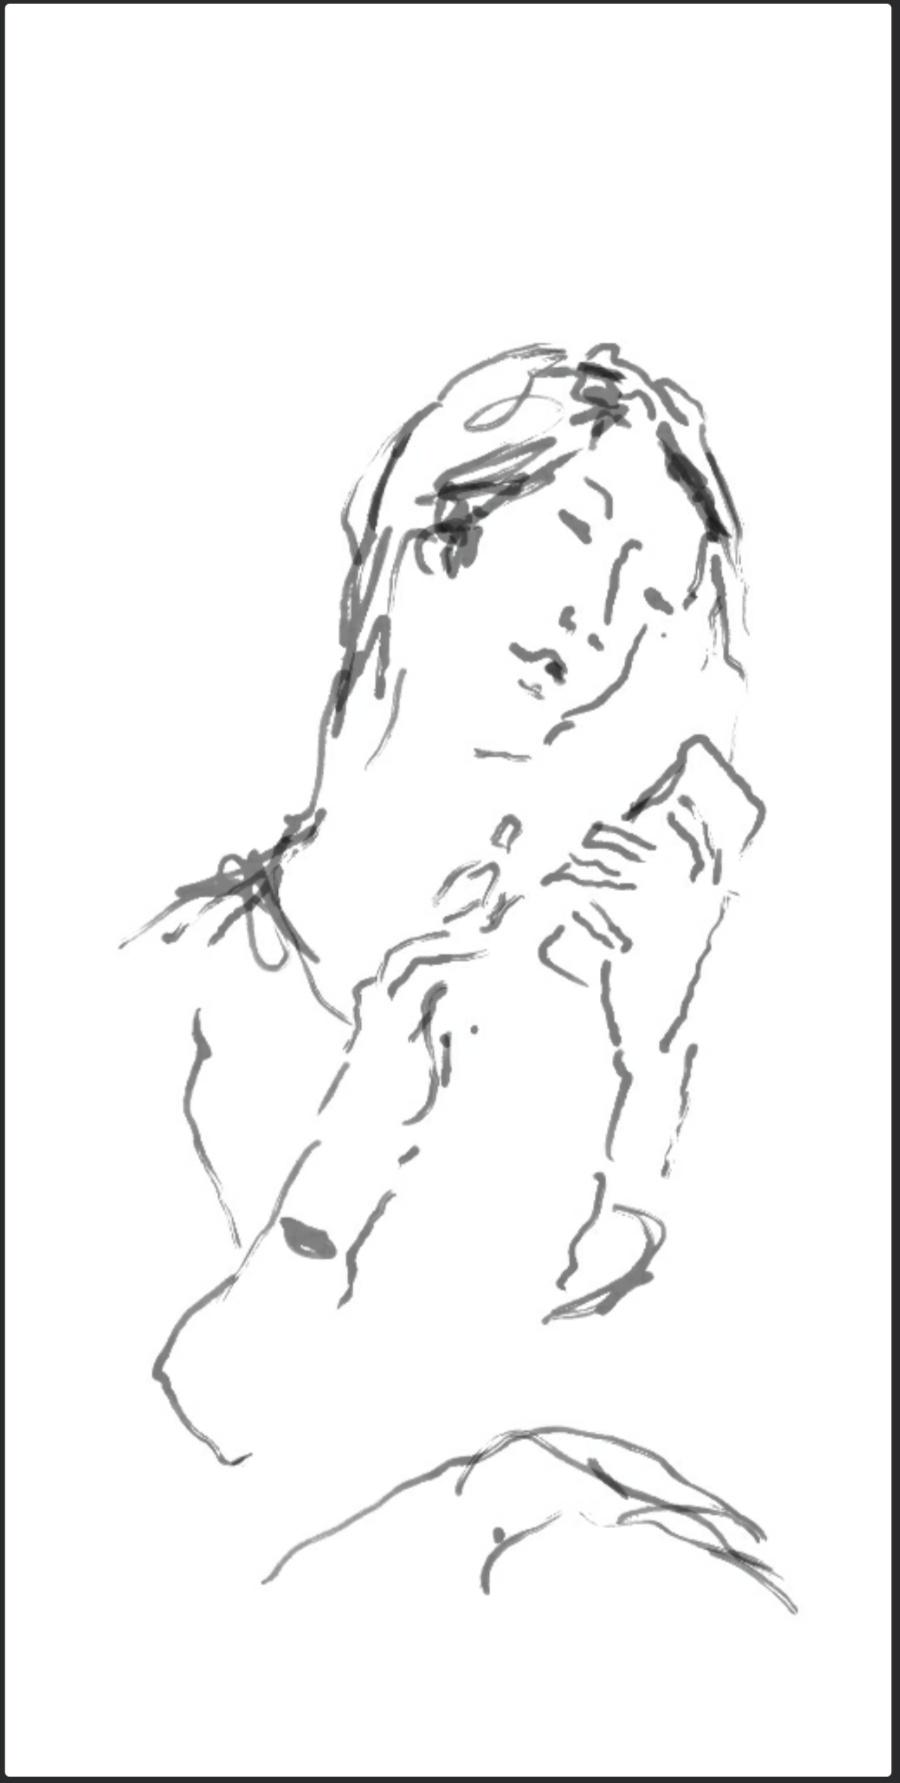 Frau mit smartphone, Screenzeichnung, 2019